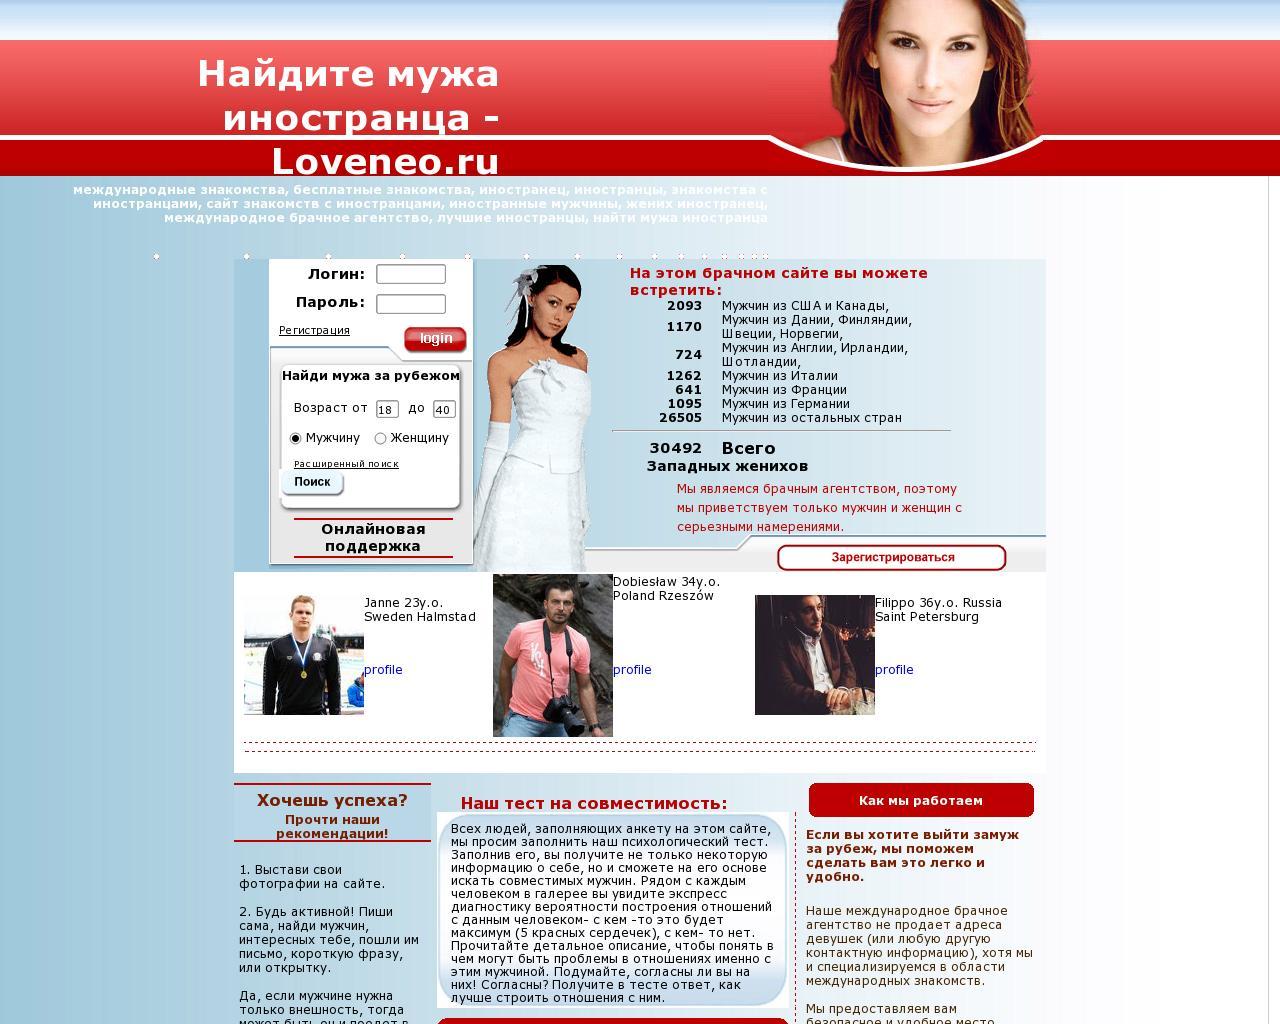 Сайт знакомств для серьезных отношений с иностранцам